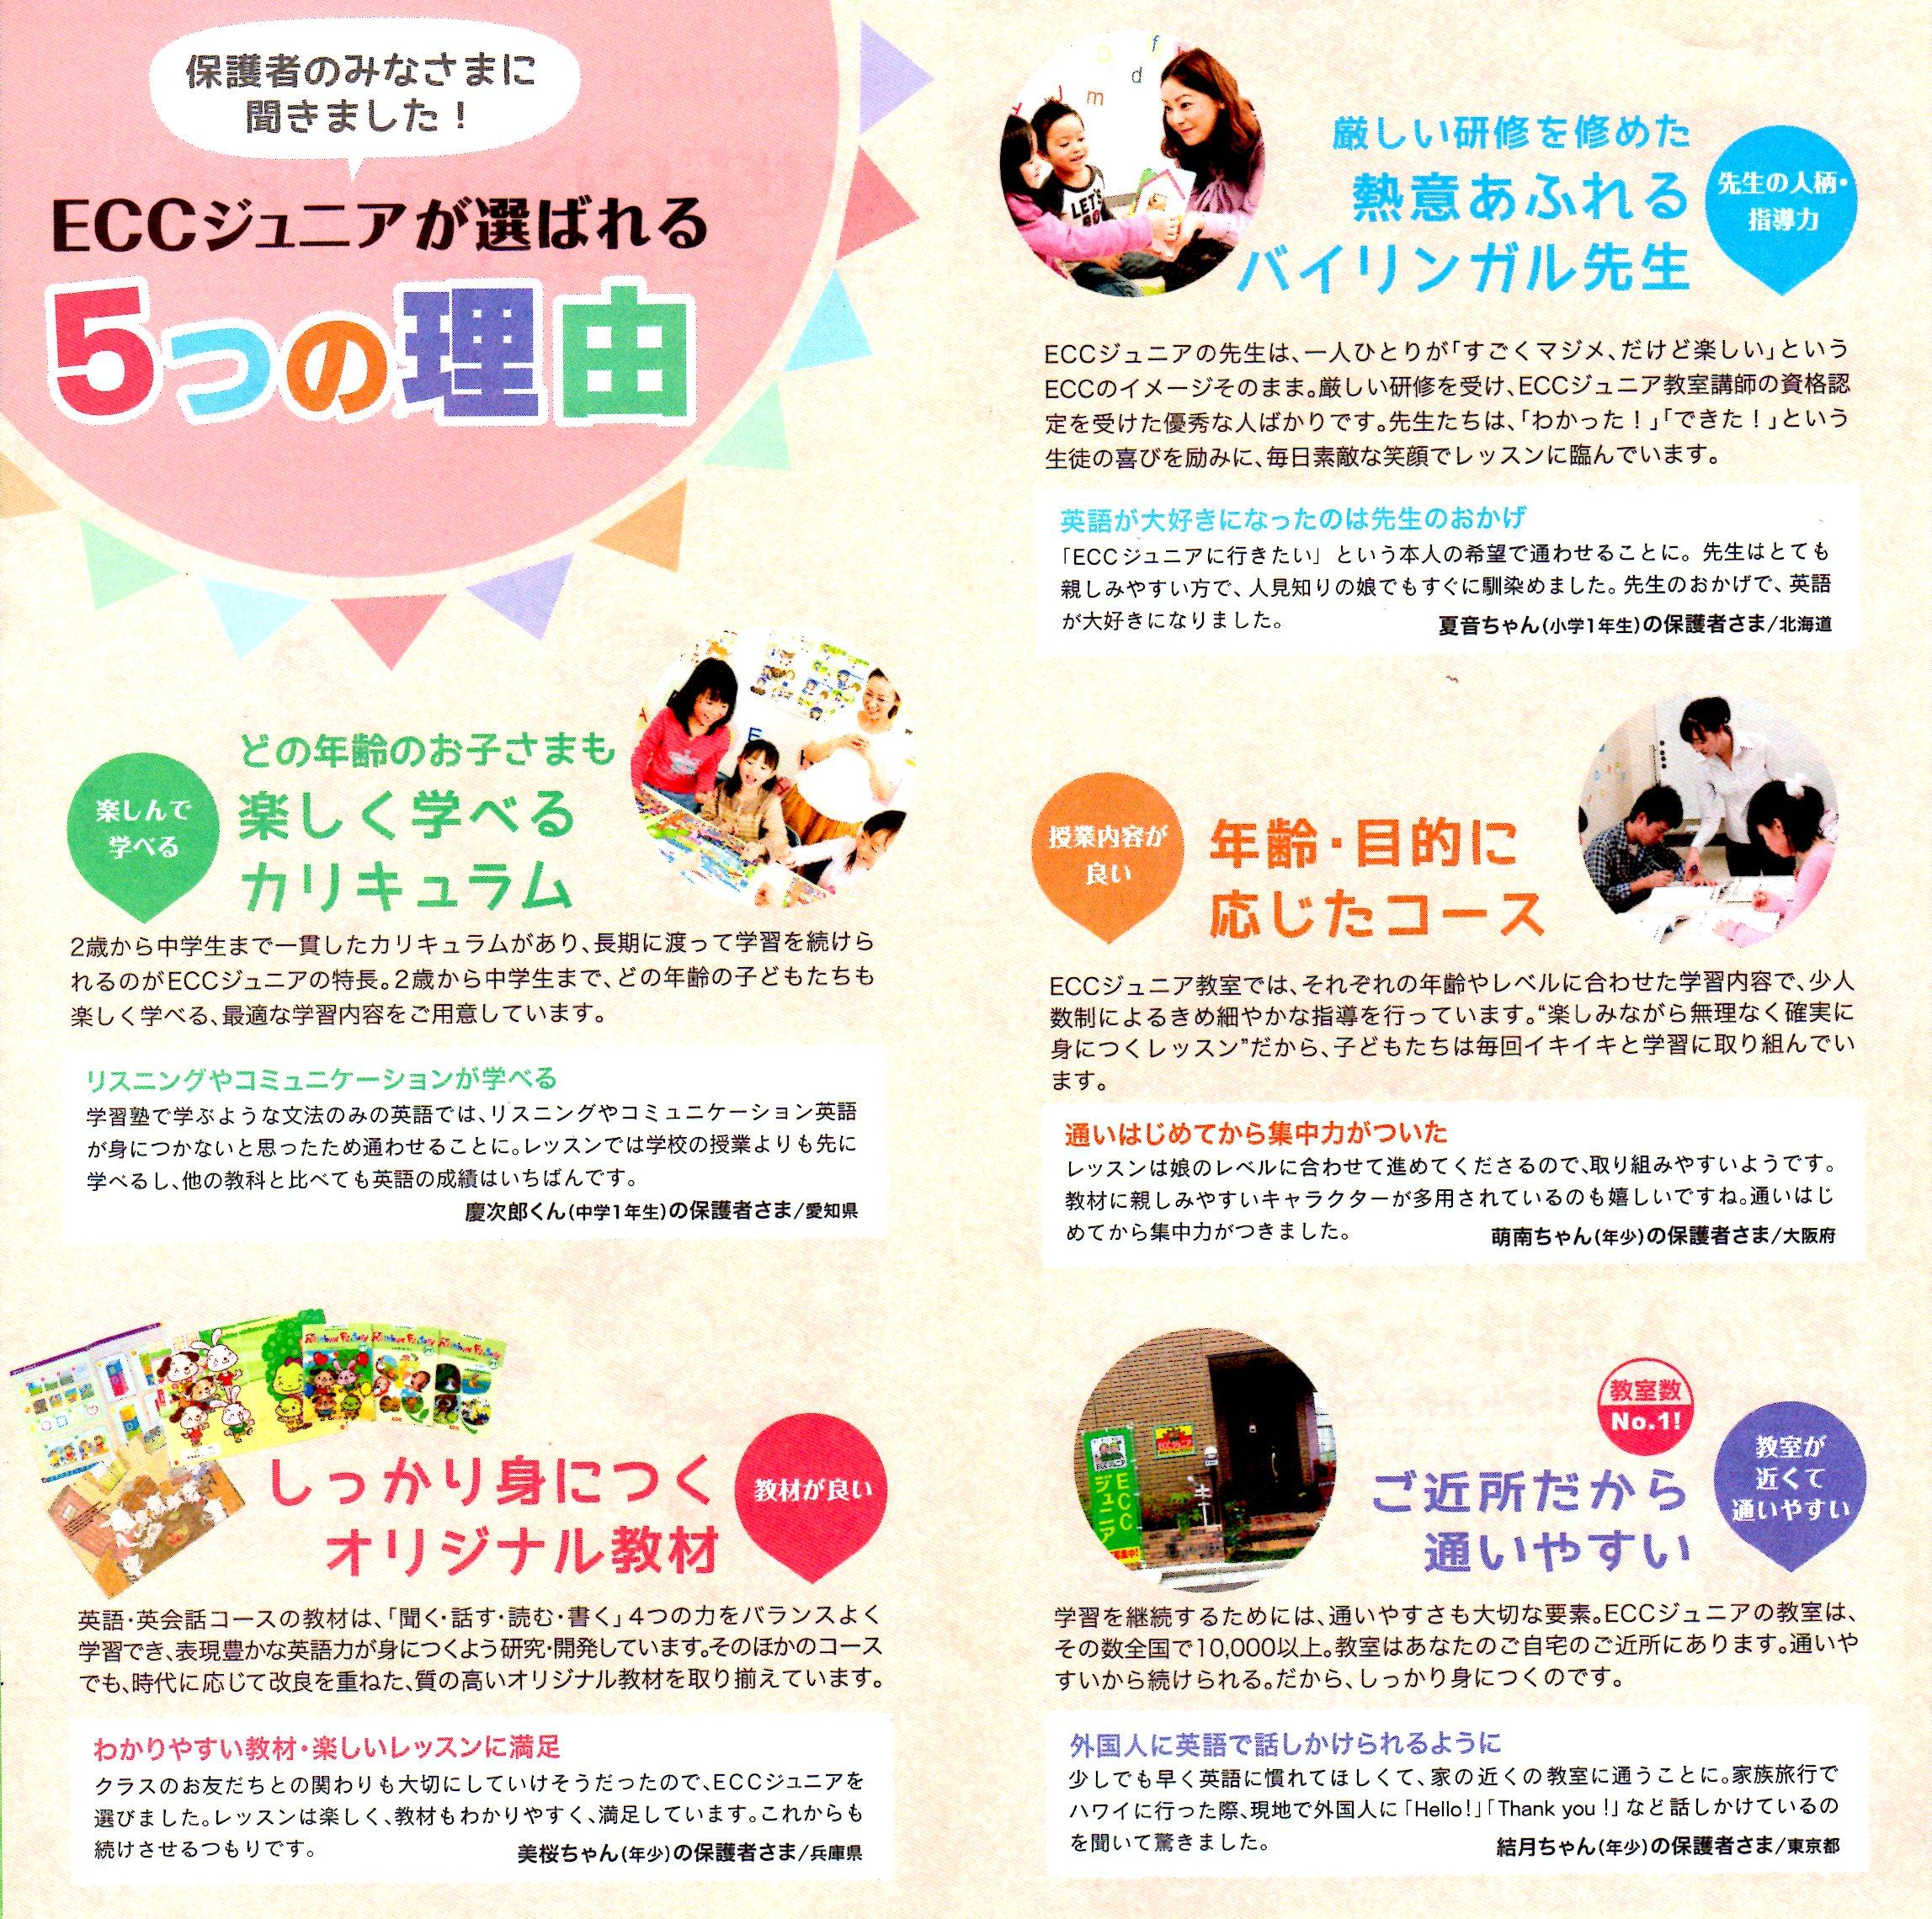 ECCが選ばれる5つの理由